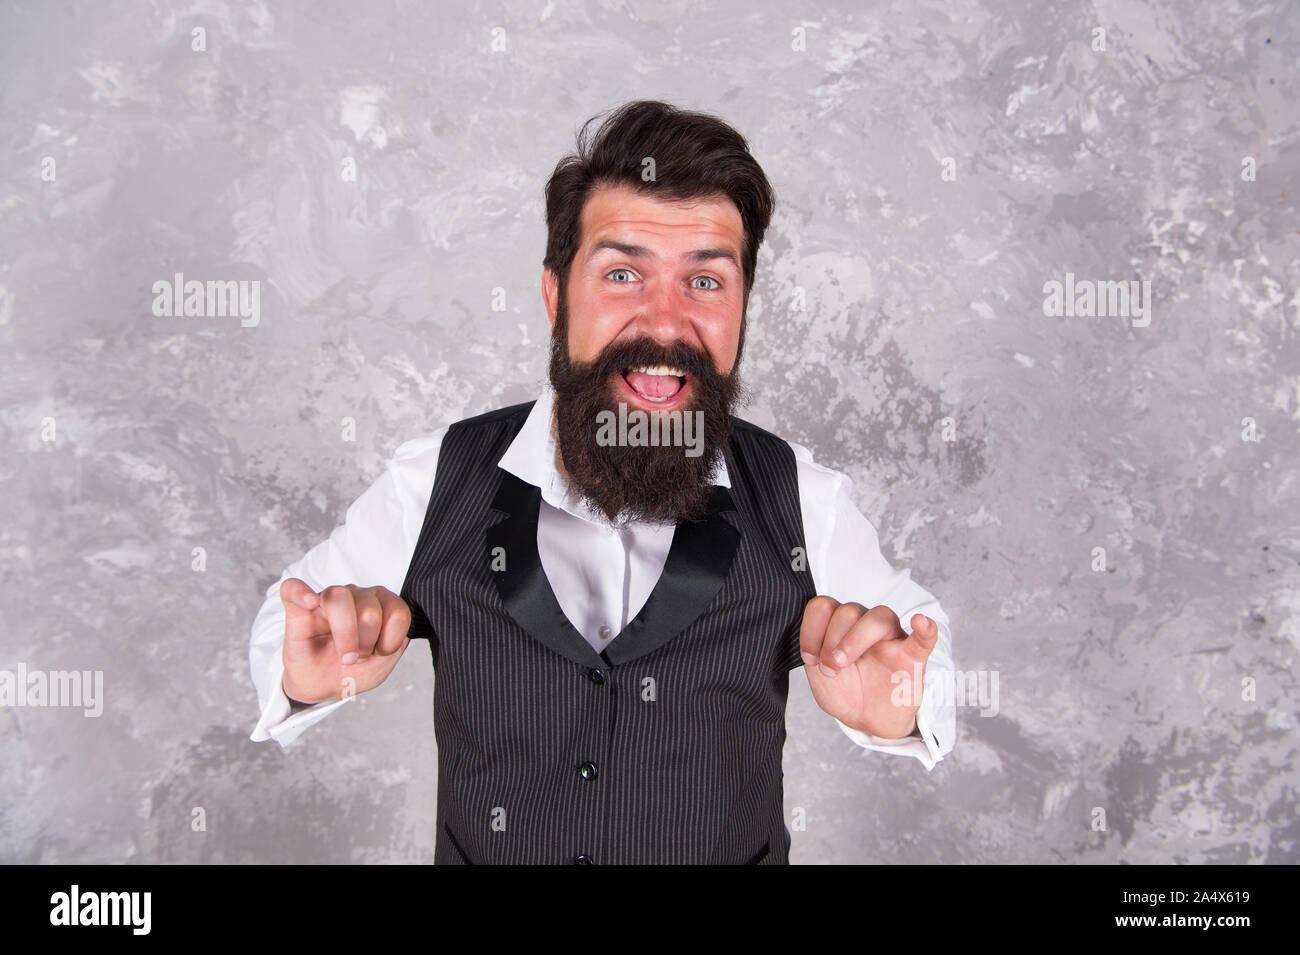 Hora de baile. Feliz el hombre judío danza sobre pared abstracta. Hombre Barbado danzas folklóricas israelíes melodía. Celebraciones judías. Música para fiestas judías. Tradiciones de danza folclórica. Foto de stock